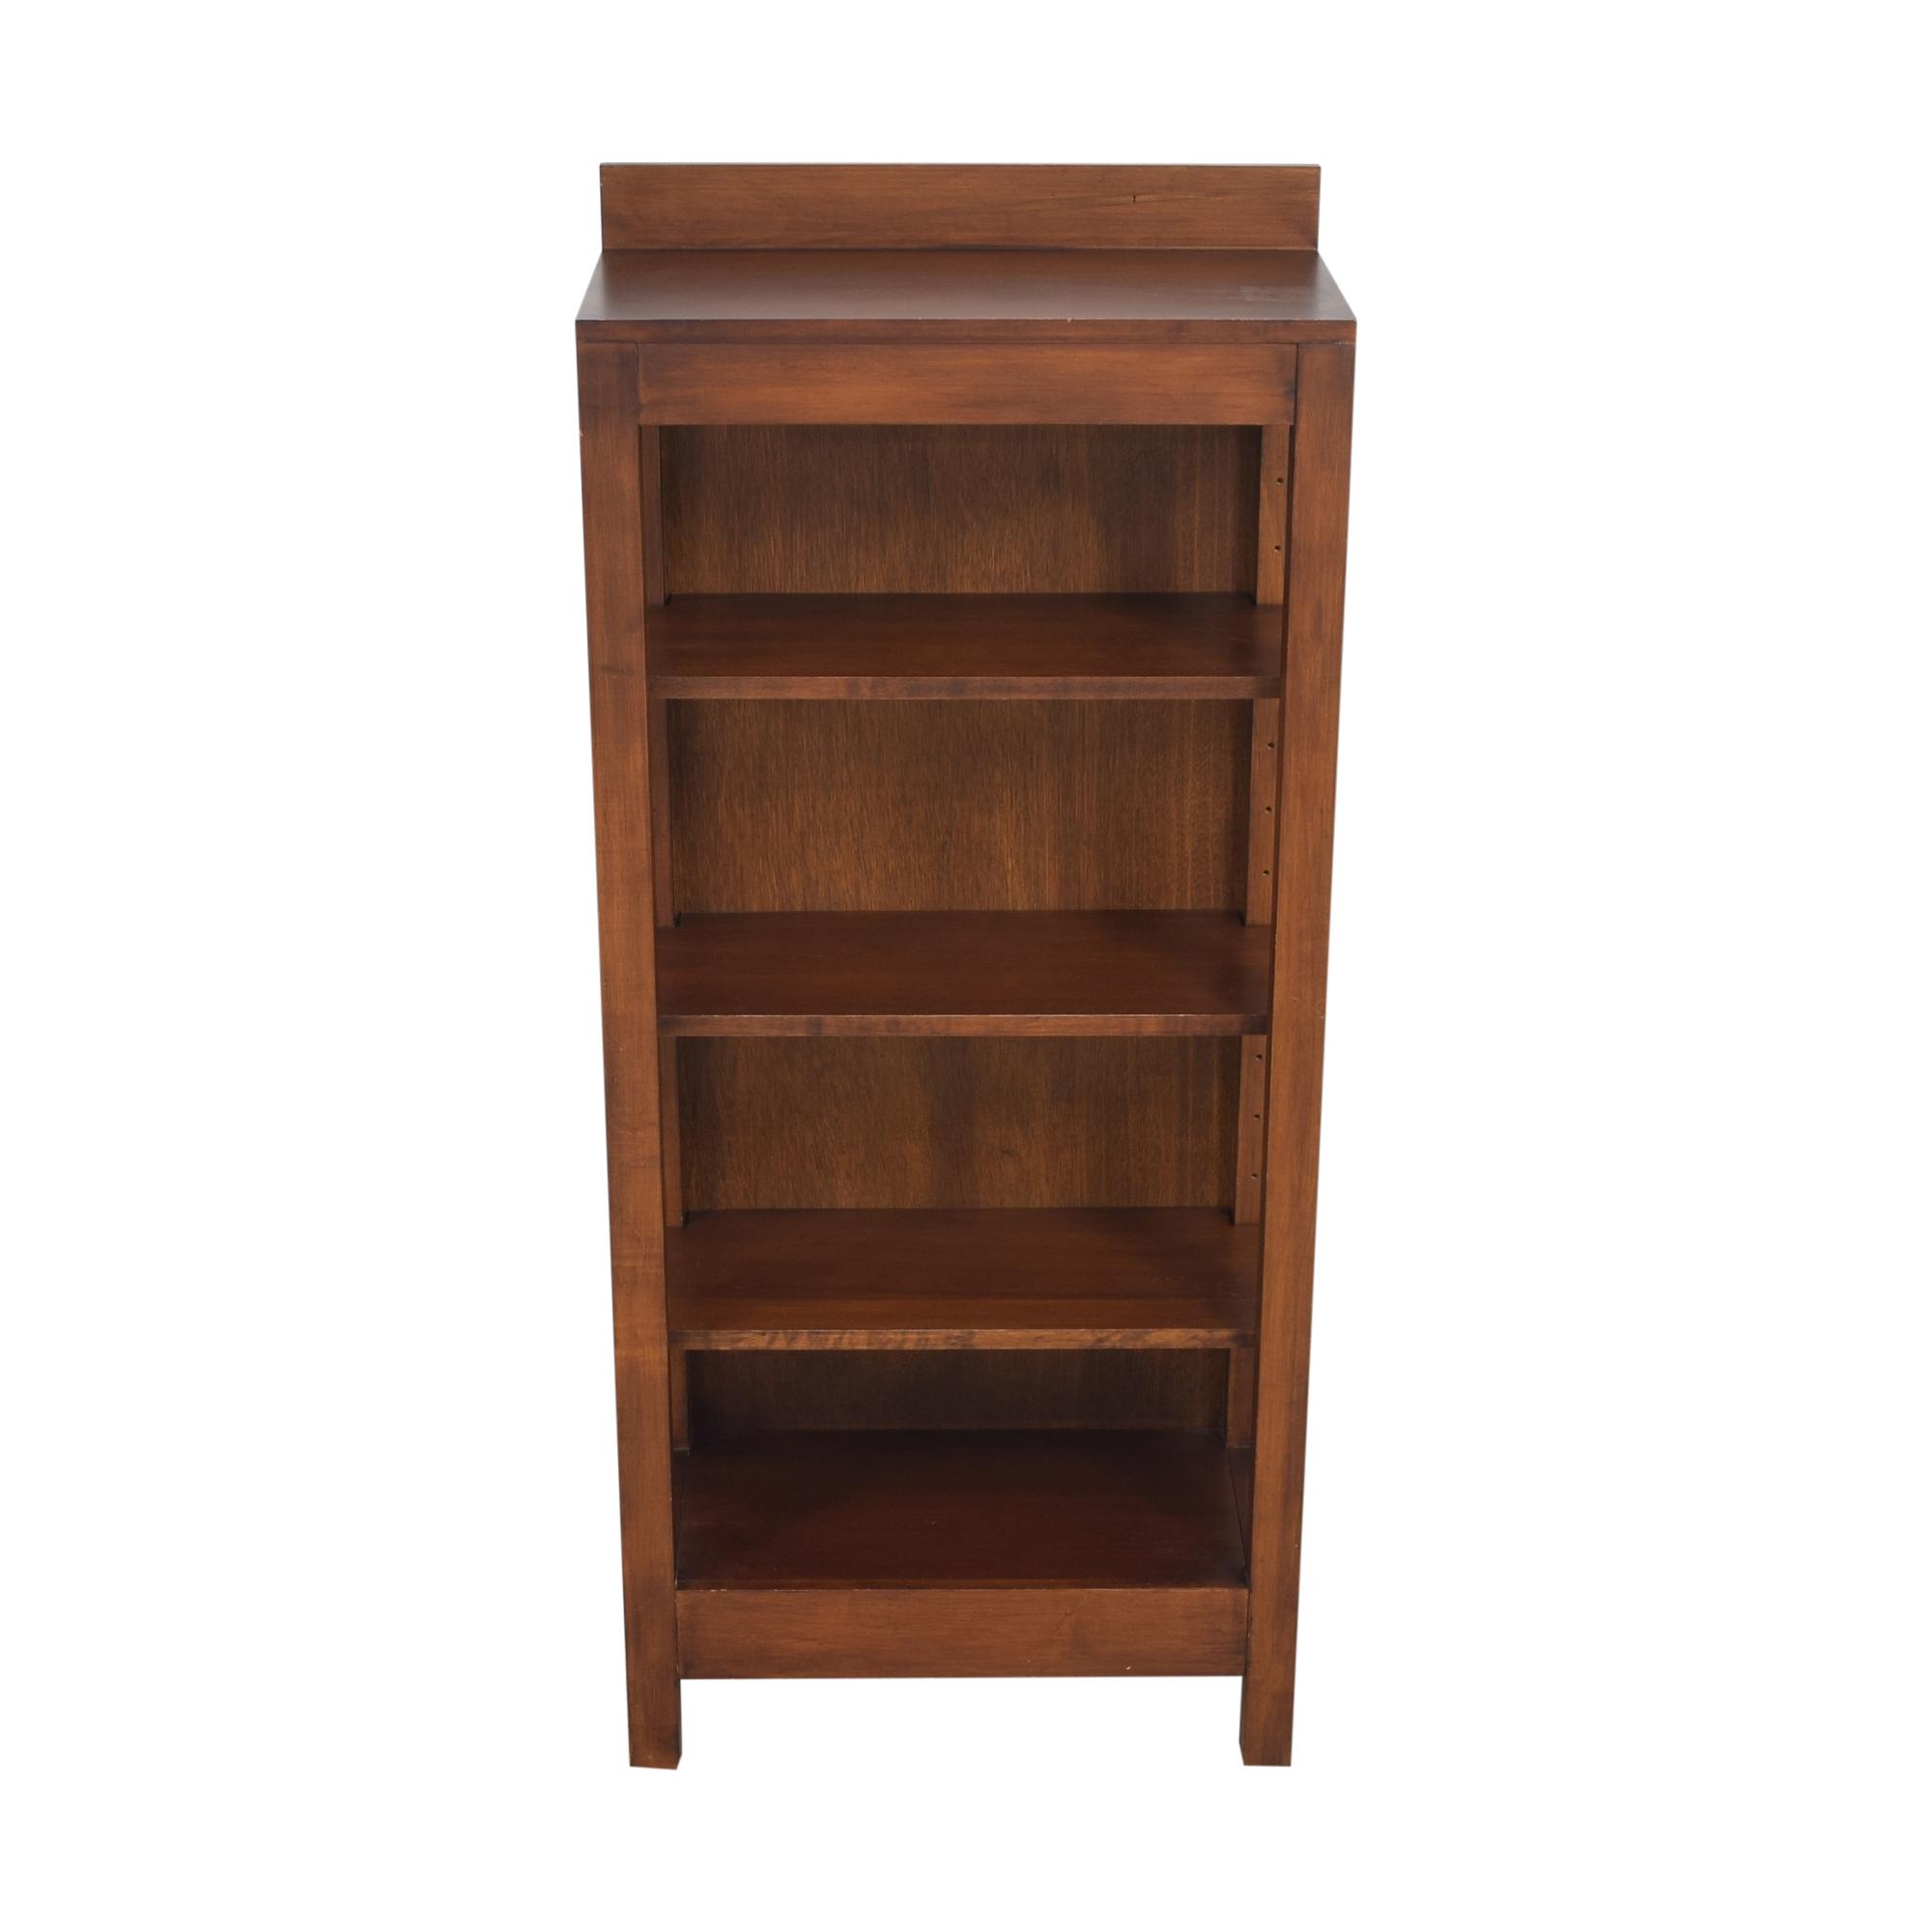 Romweber Jim Peed Bookcase / Storage